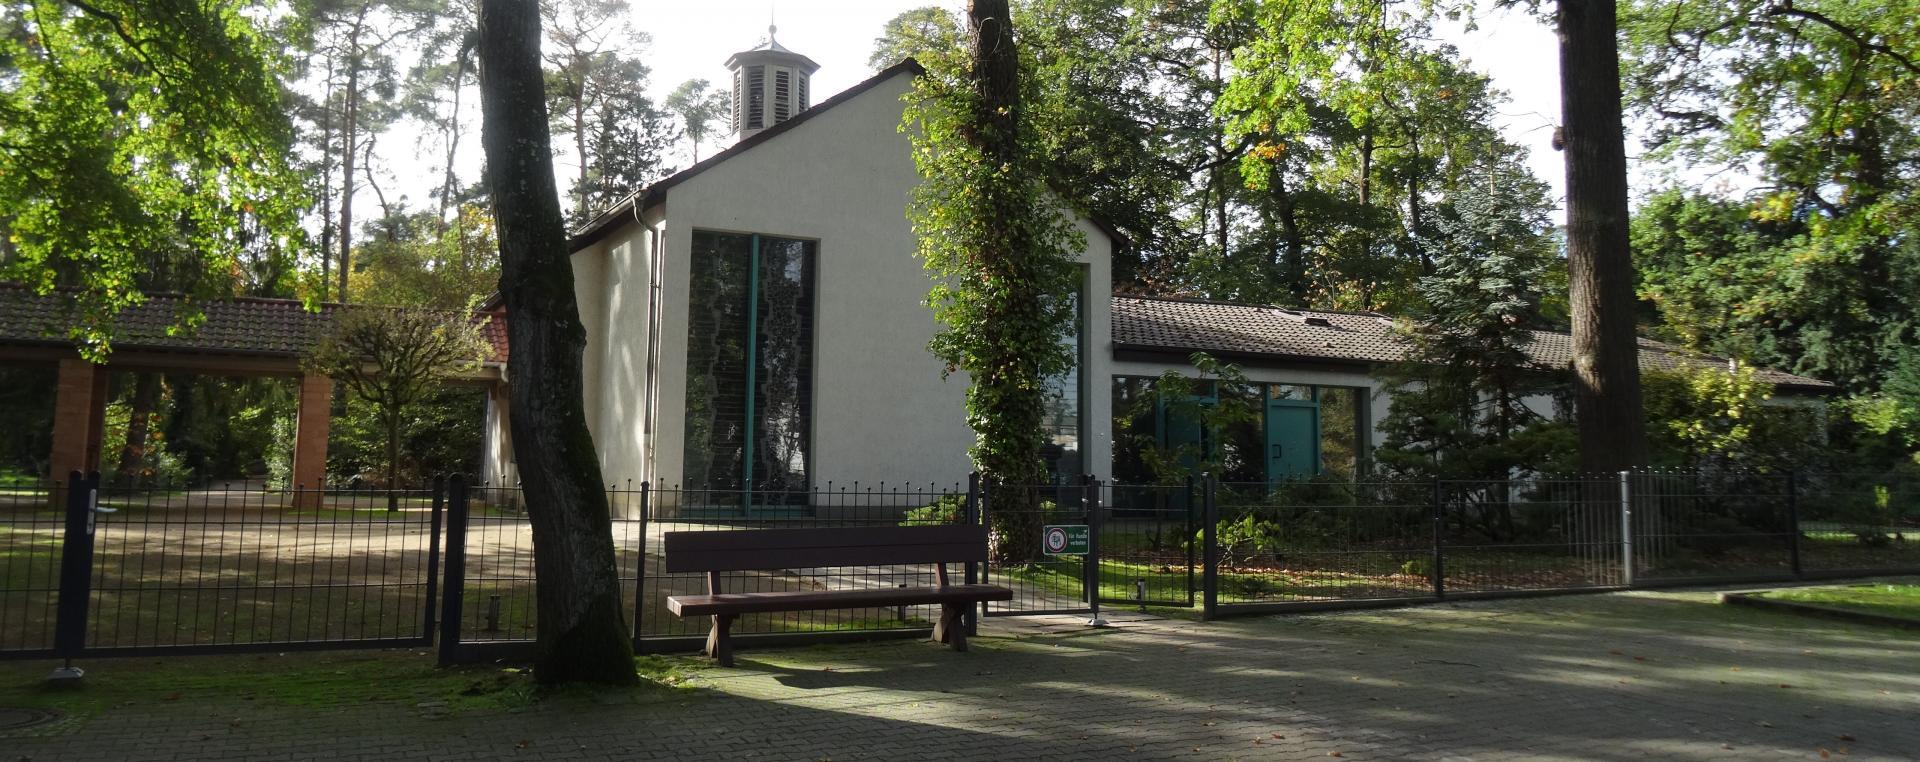 Header-Bild: Eingangsbereich Friedhof Nauheim